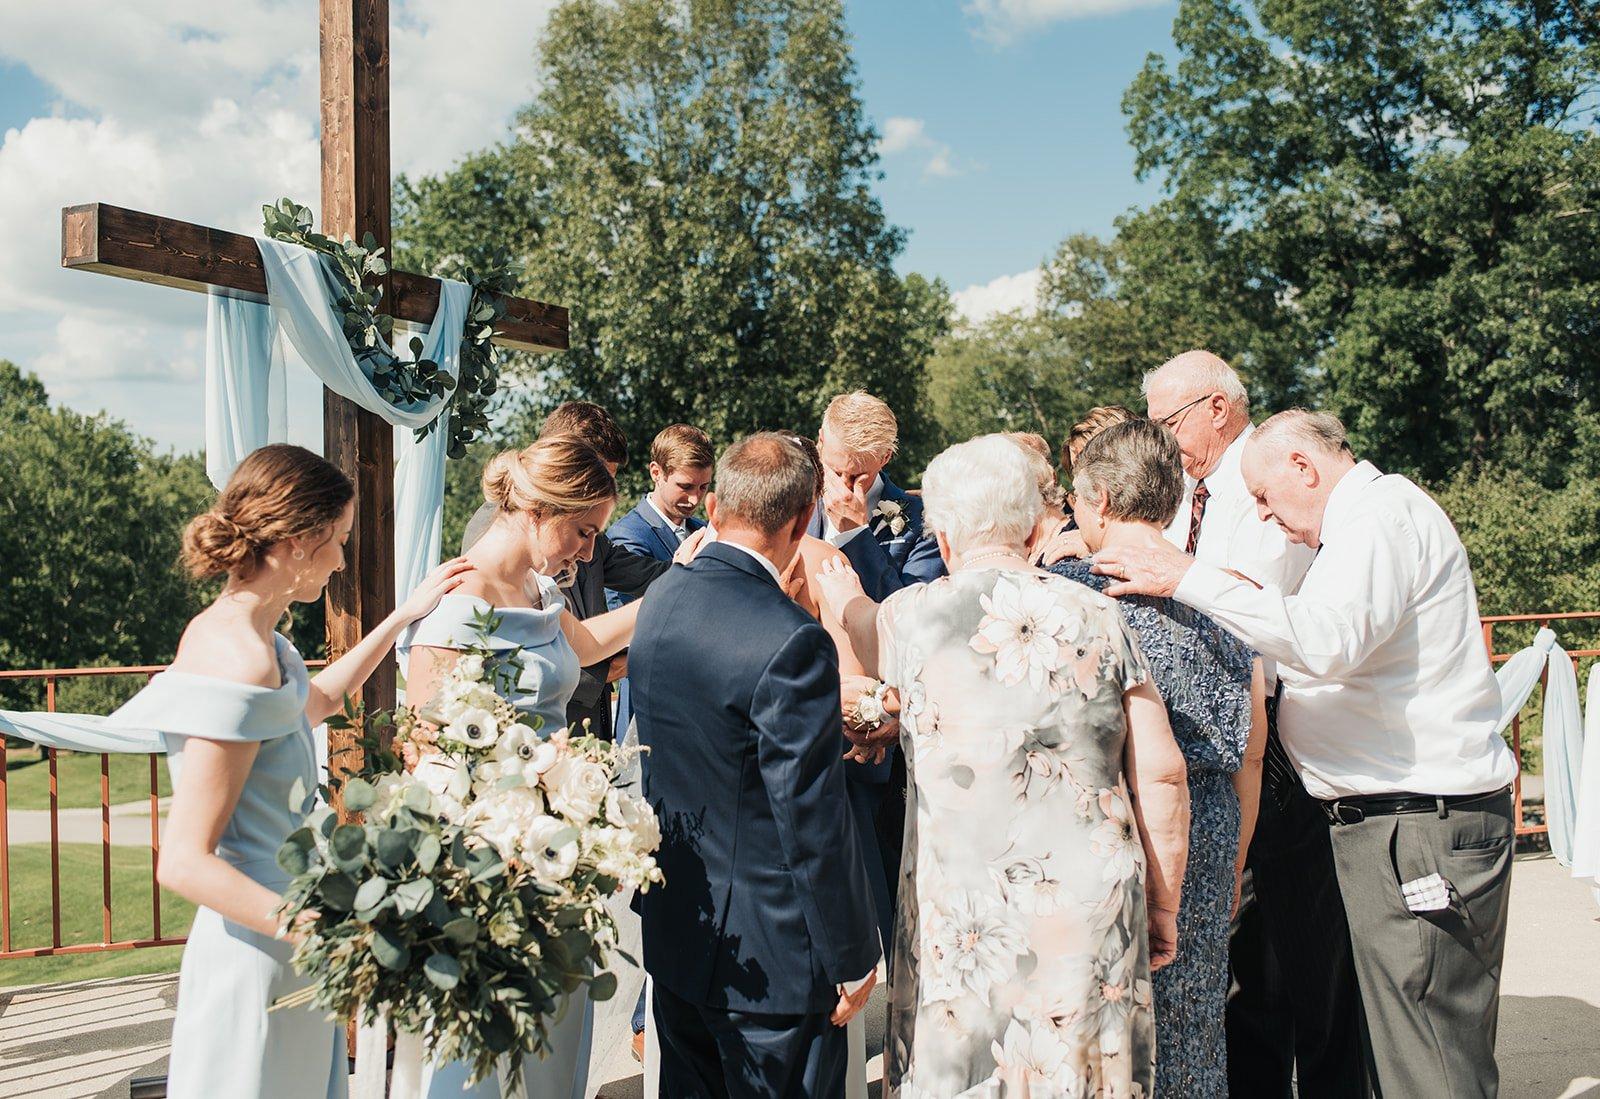 praying at a wedding